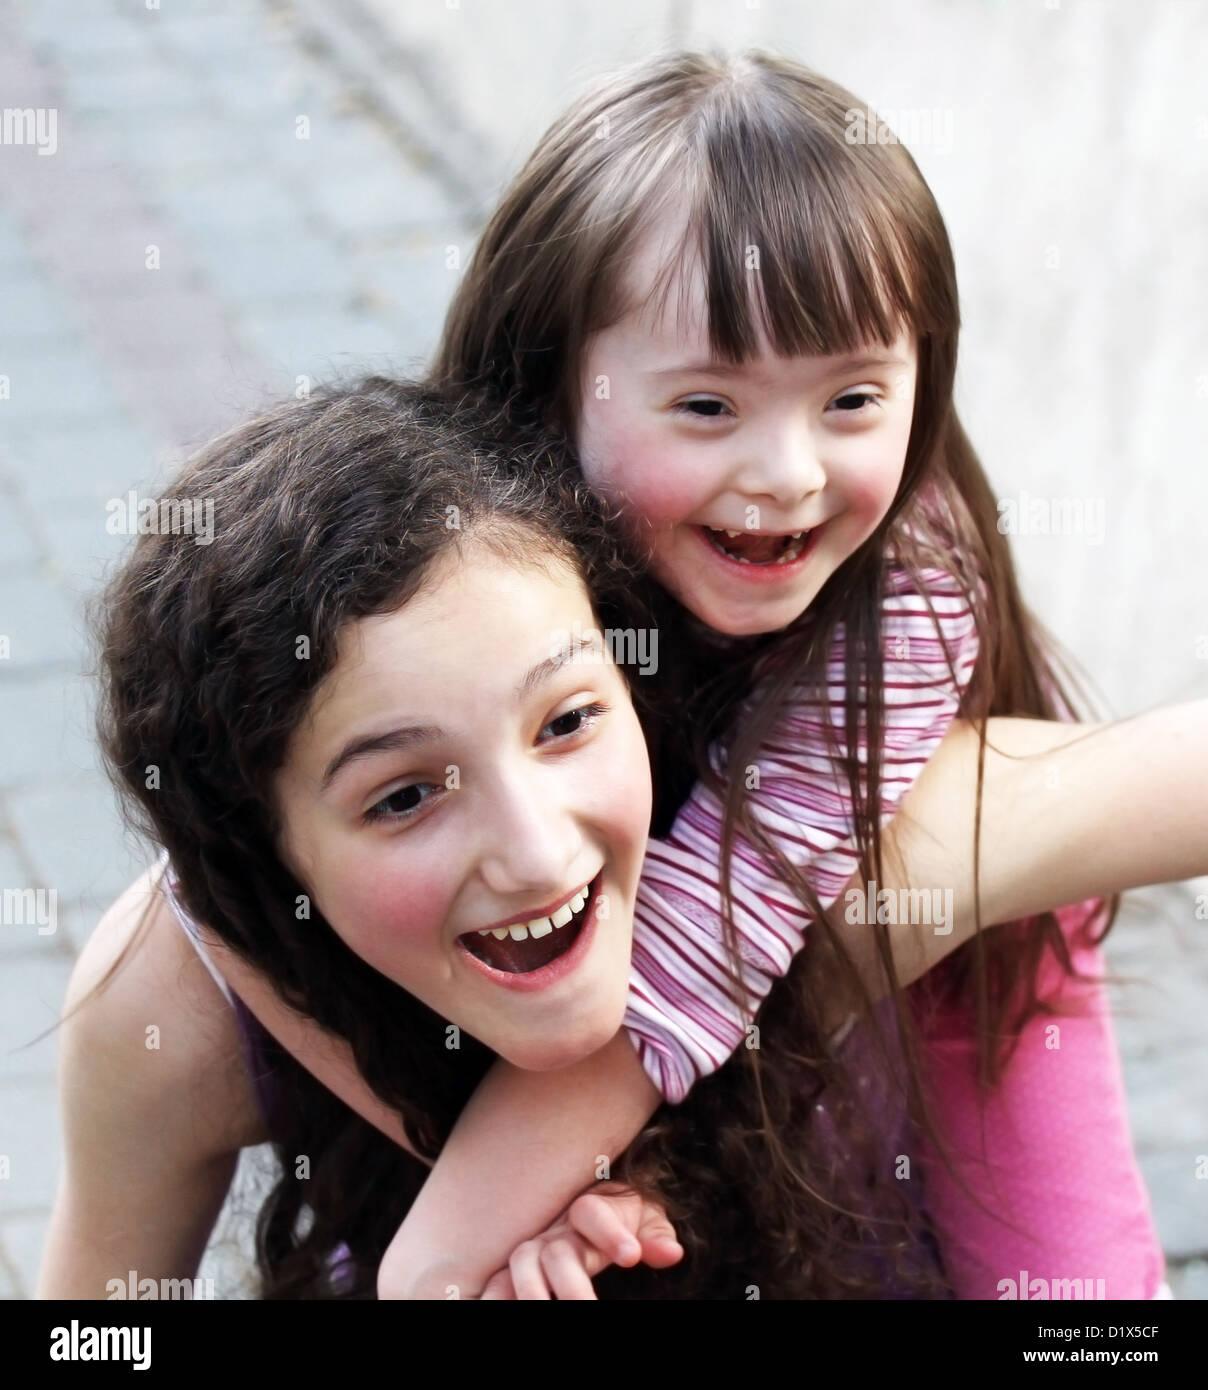 Retrato de hermosas jóvenes fuera Imagen De Stock